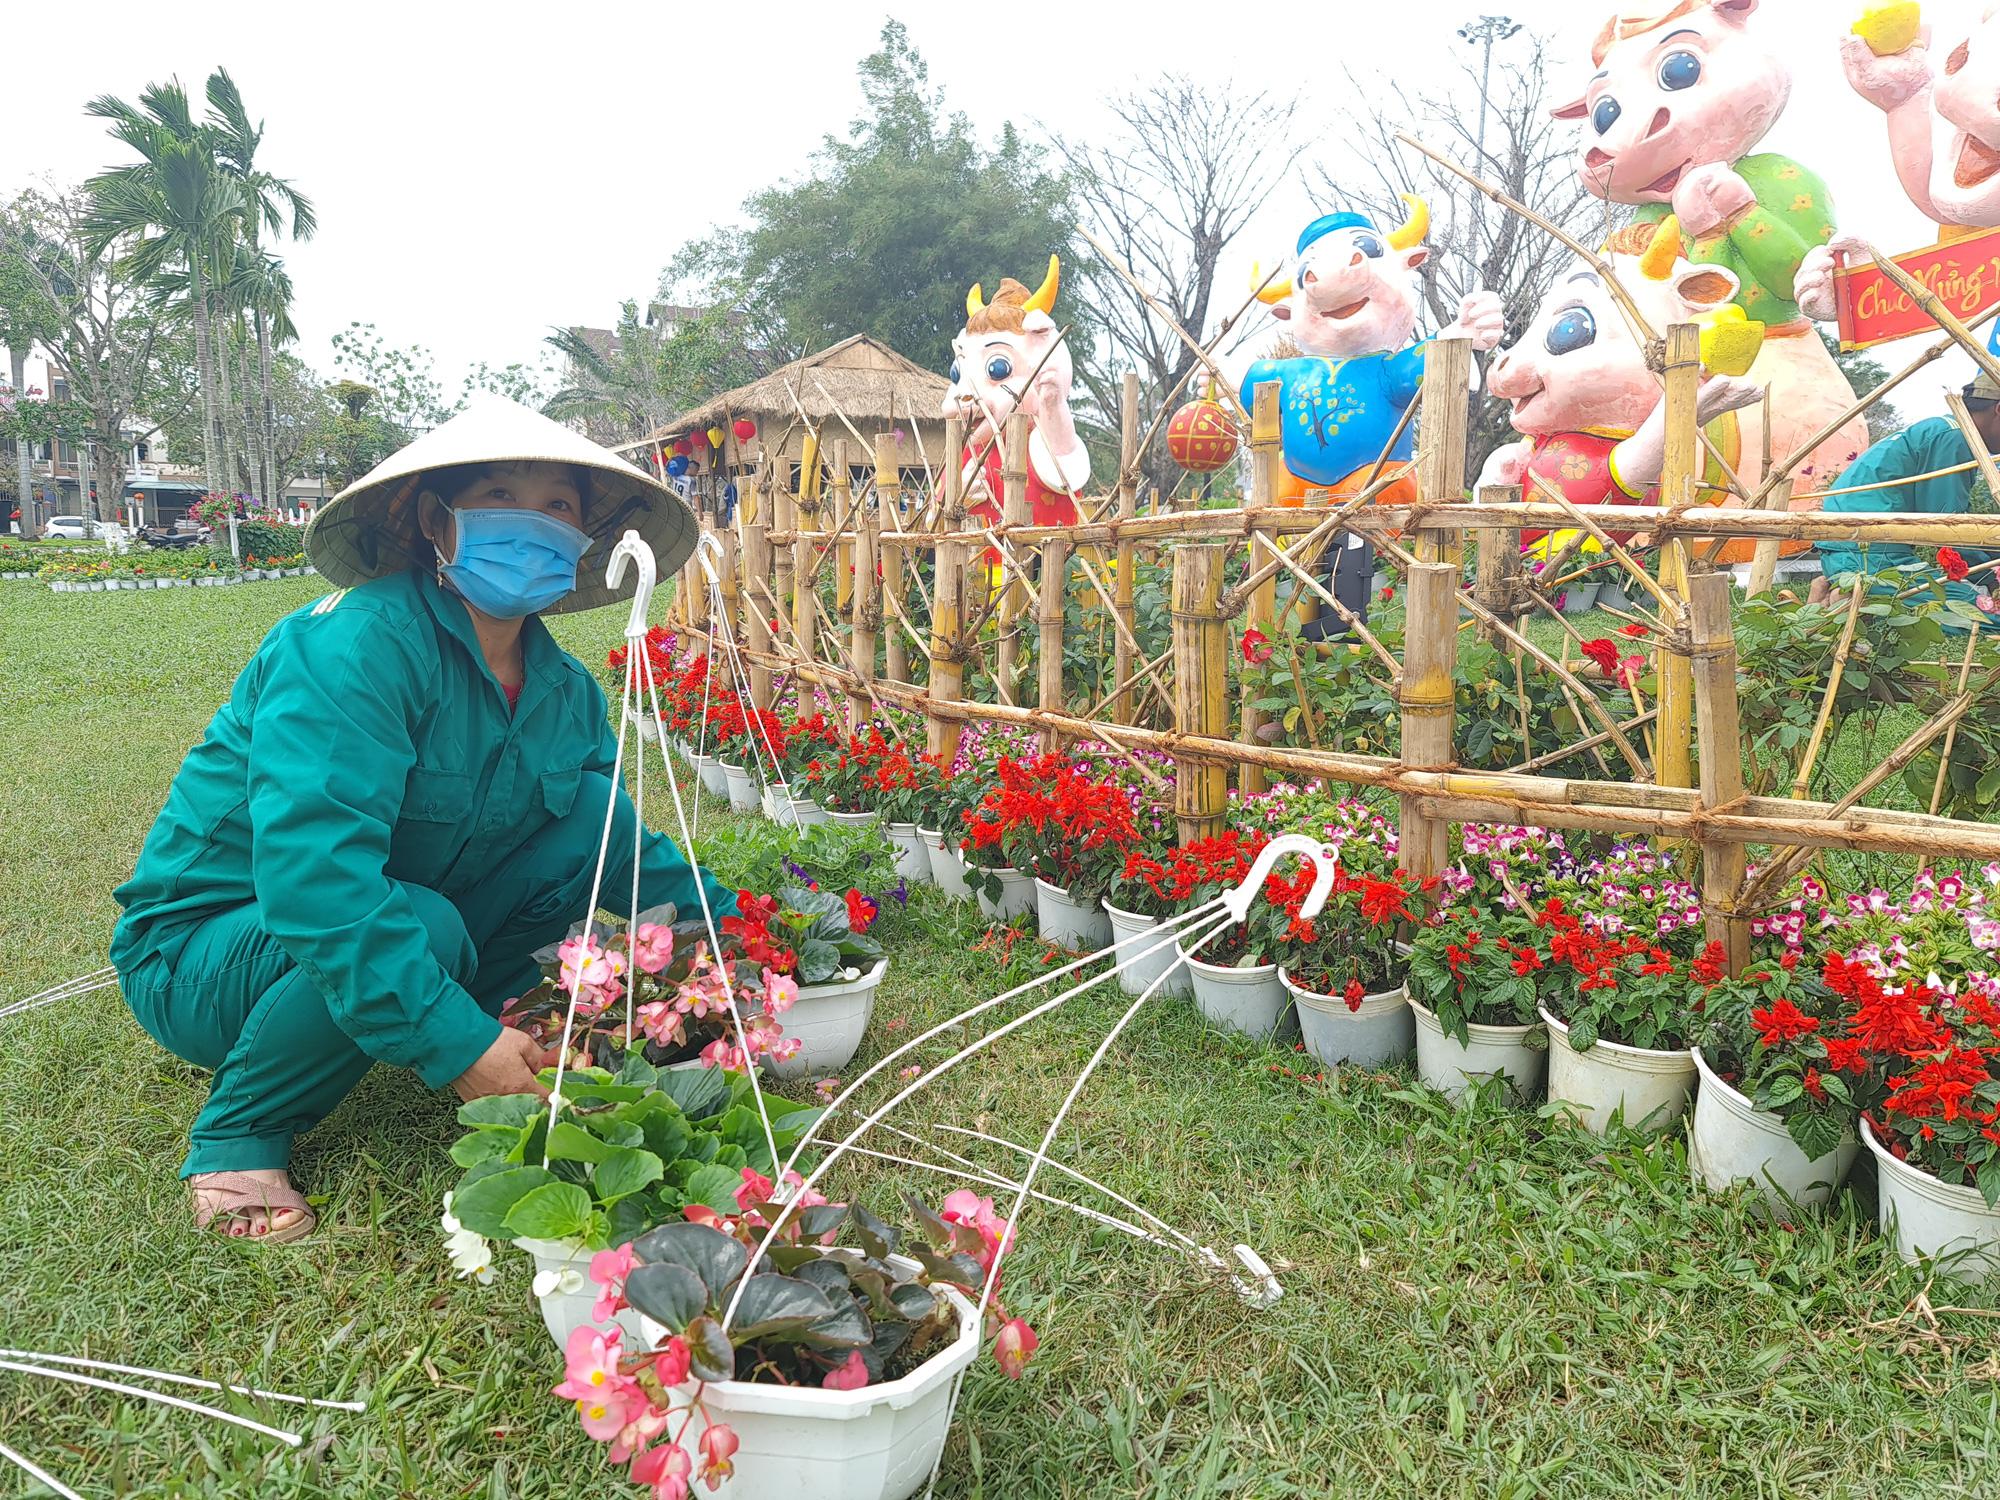 Quảng trường lớn nhất tỉnh Quảng Nam được trang trí bằng đồ nhà nông và hàng chục loại hoa sắc sảo - Ảnh 6.